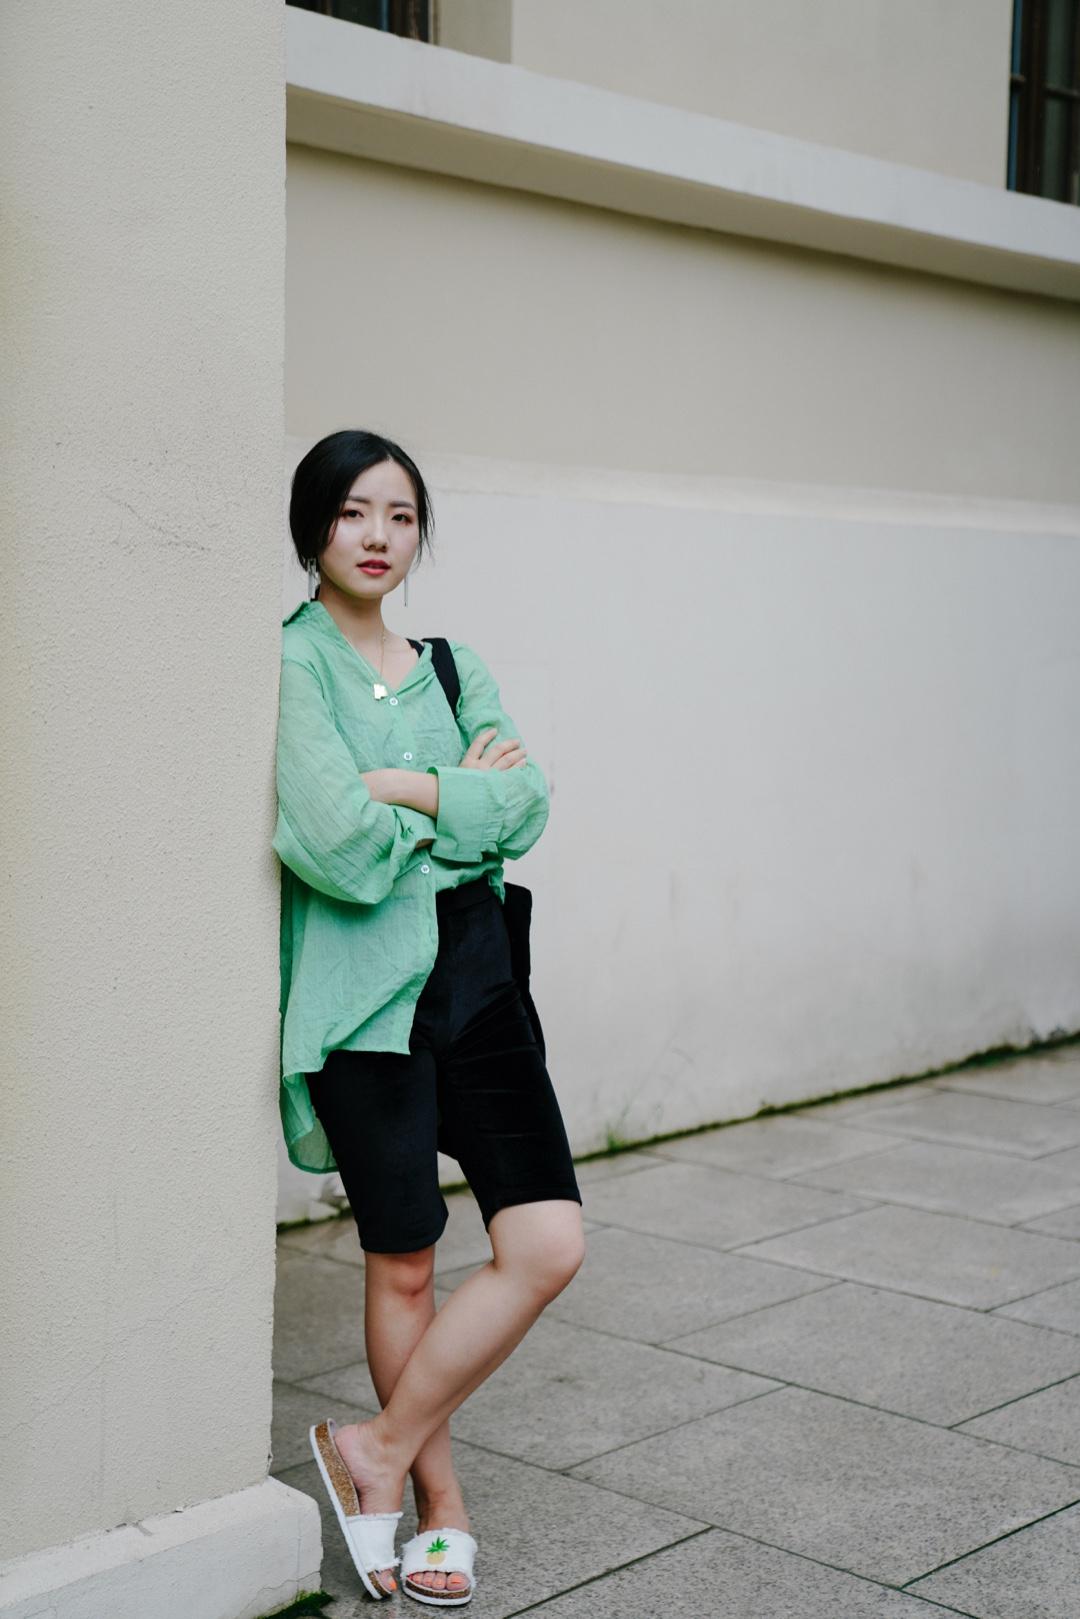 尝试了一下时髦单品——单车裤骑行裤,比想象中好穿诶~因为骑行裤的特征就是贴身,遵循上松下紧原则,上衣搭配了宽容的果绿色大衬衫,把一侧衣角掖进裤子提高腰线。  上衣:are u shop 裤子:mango 拖鞋:热风 #穿衣自由,女生穿什么自己说了算!#